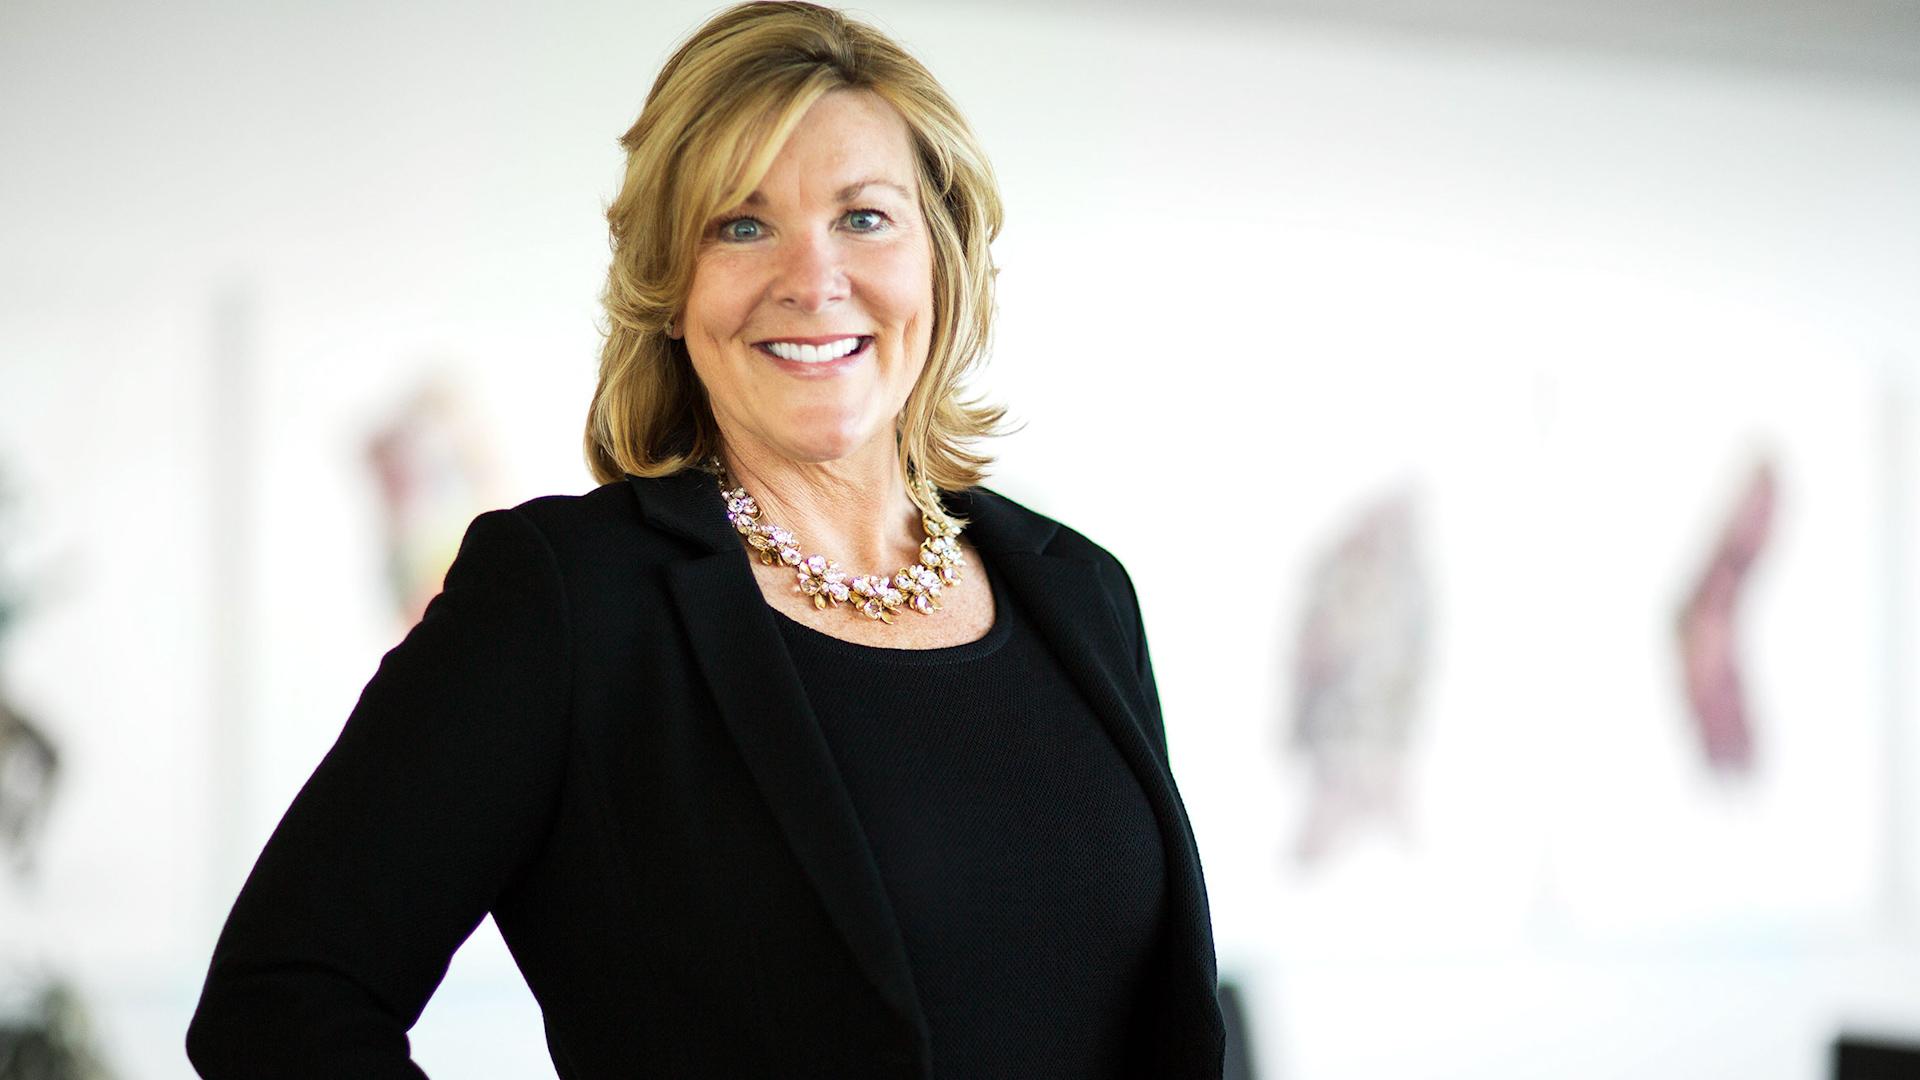 Progressive CEO Tricia Griffith